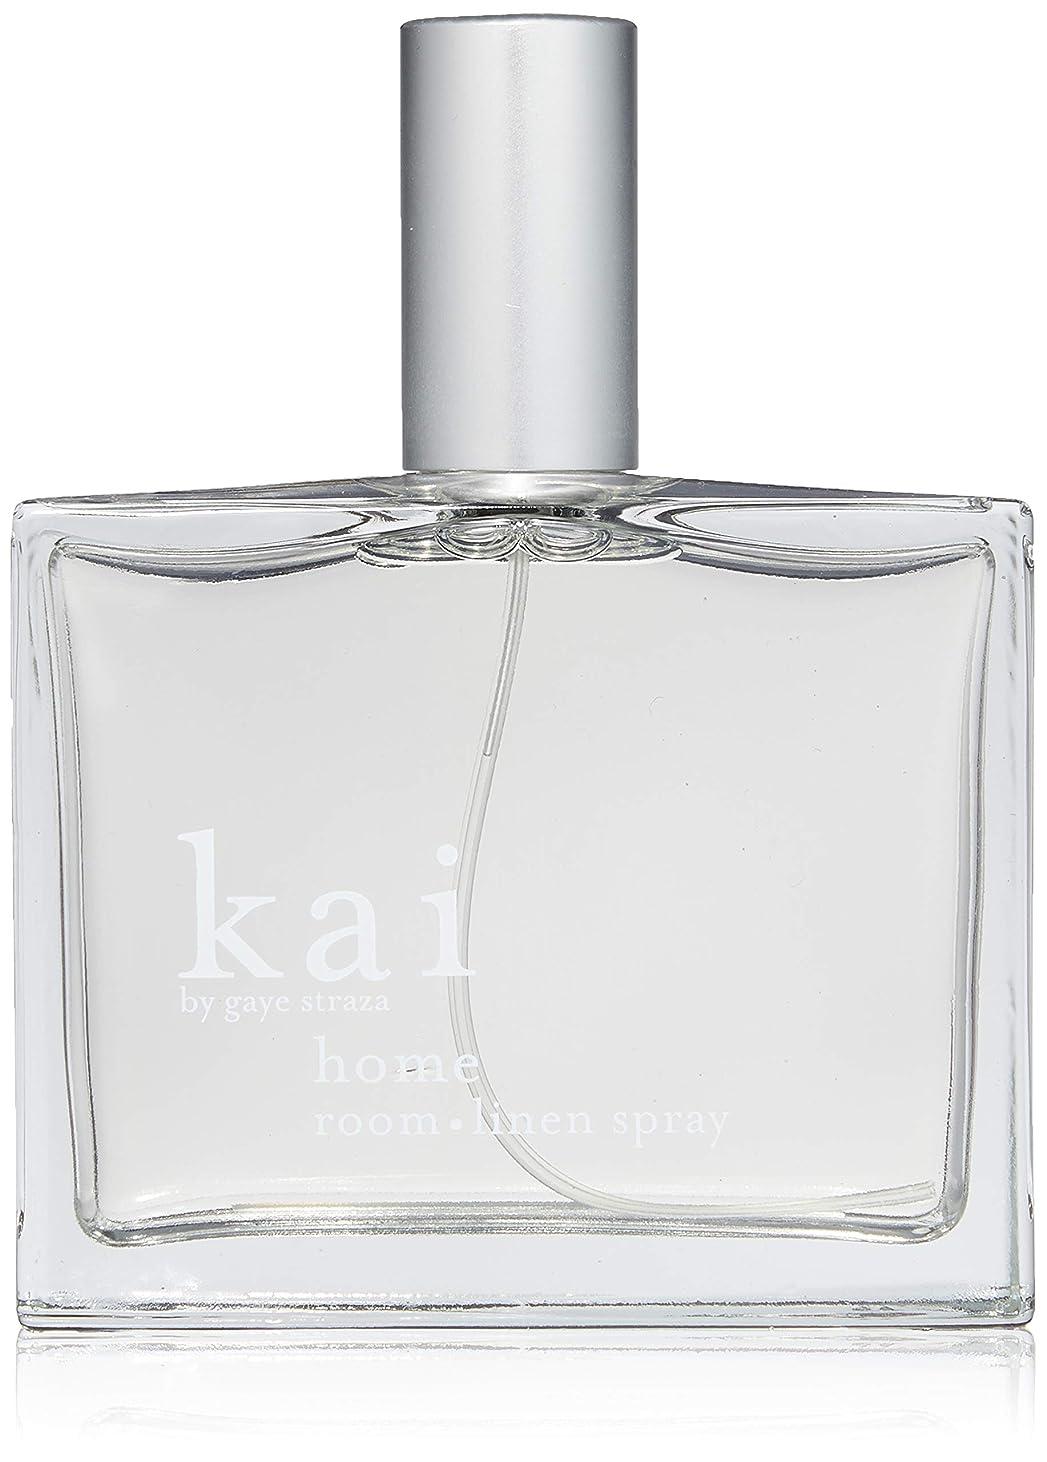 奇跡責めほぼkai fragrance(カイ フレグランス) ルームリネンスプレー 100ml